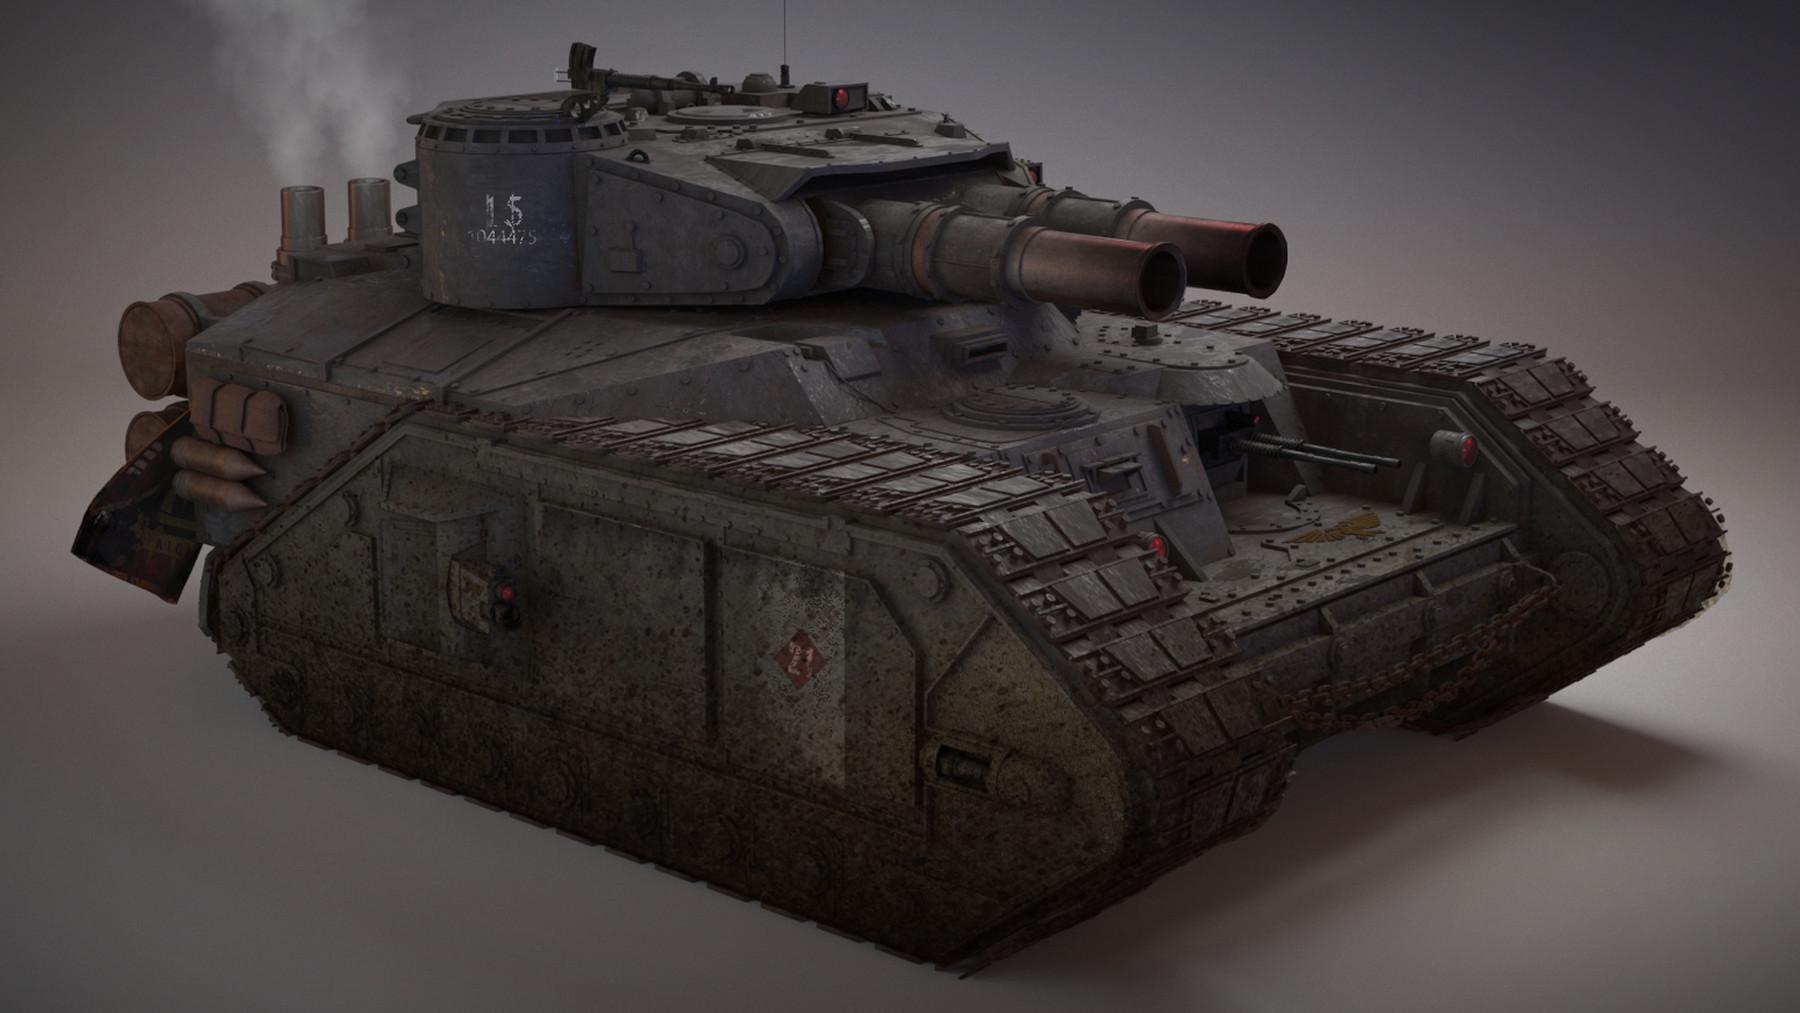 Kurtis 💎 Knight - Vostroyan Macharius (Warhammer 40K)